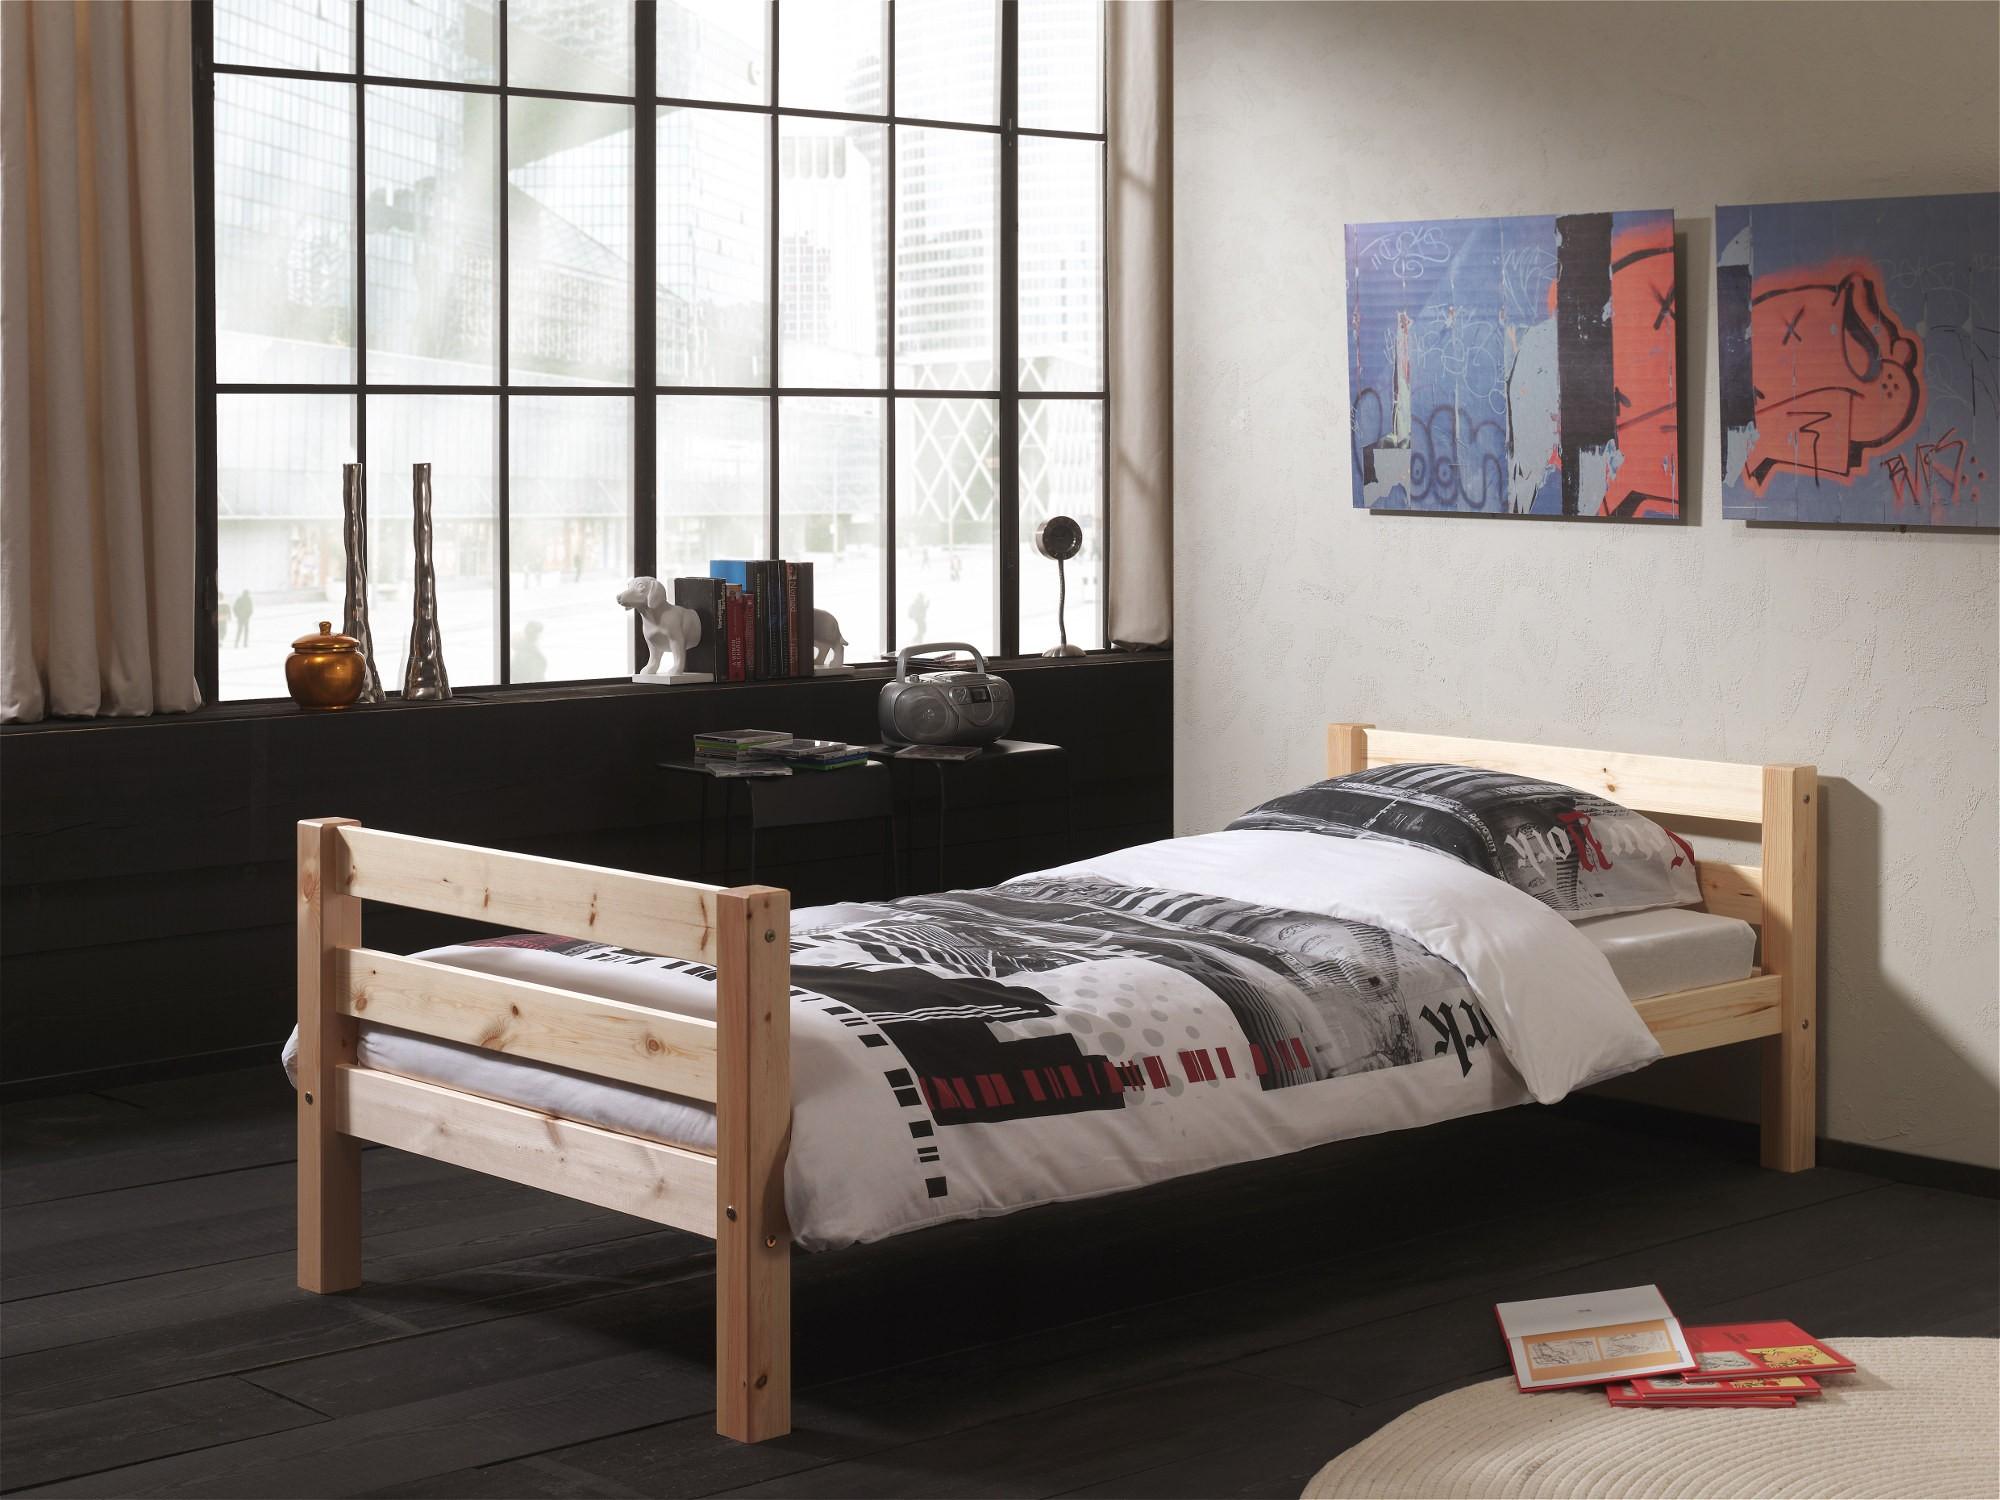 einzelbett pino liegefl che 90 x 200 cm kiefer massiv kinder jugendzimmer betten. Black Bedroom Furniture Sets. Home Design Ideas